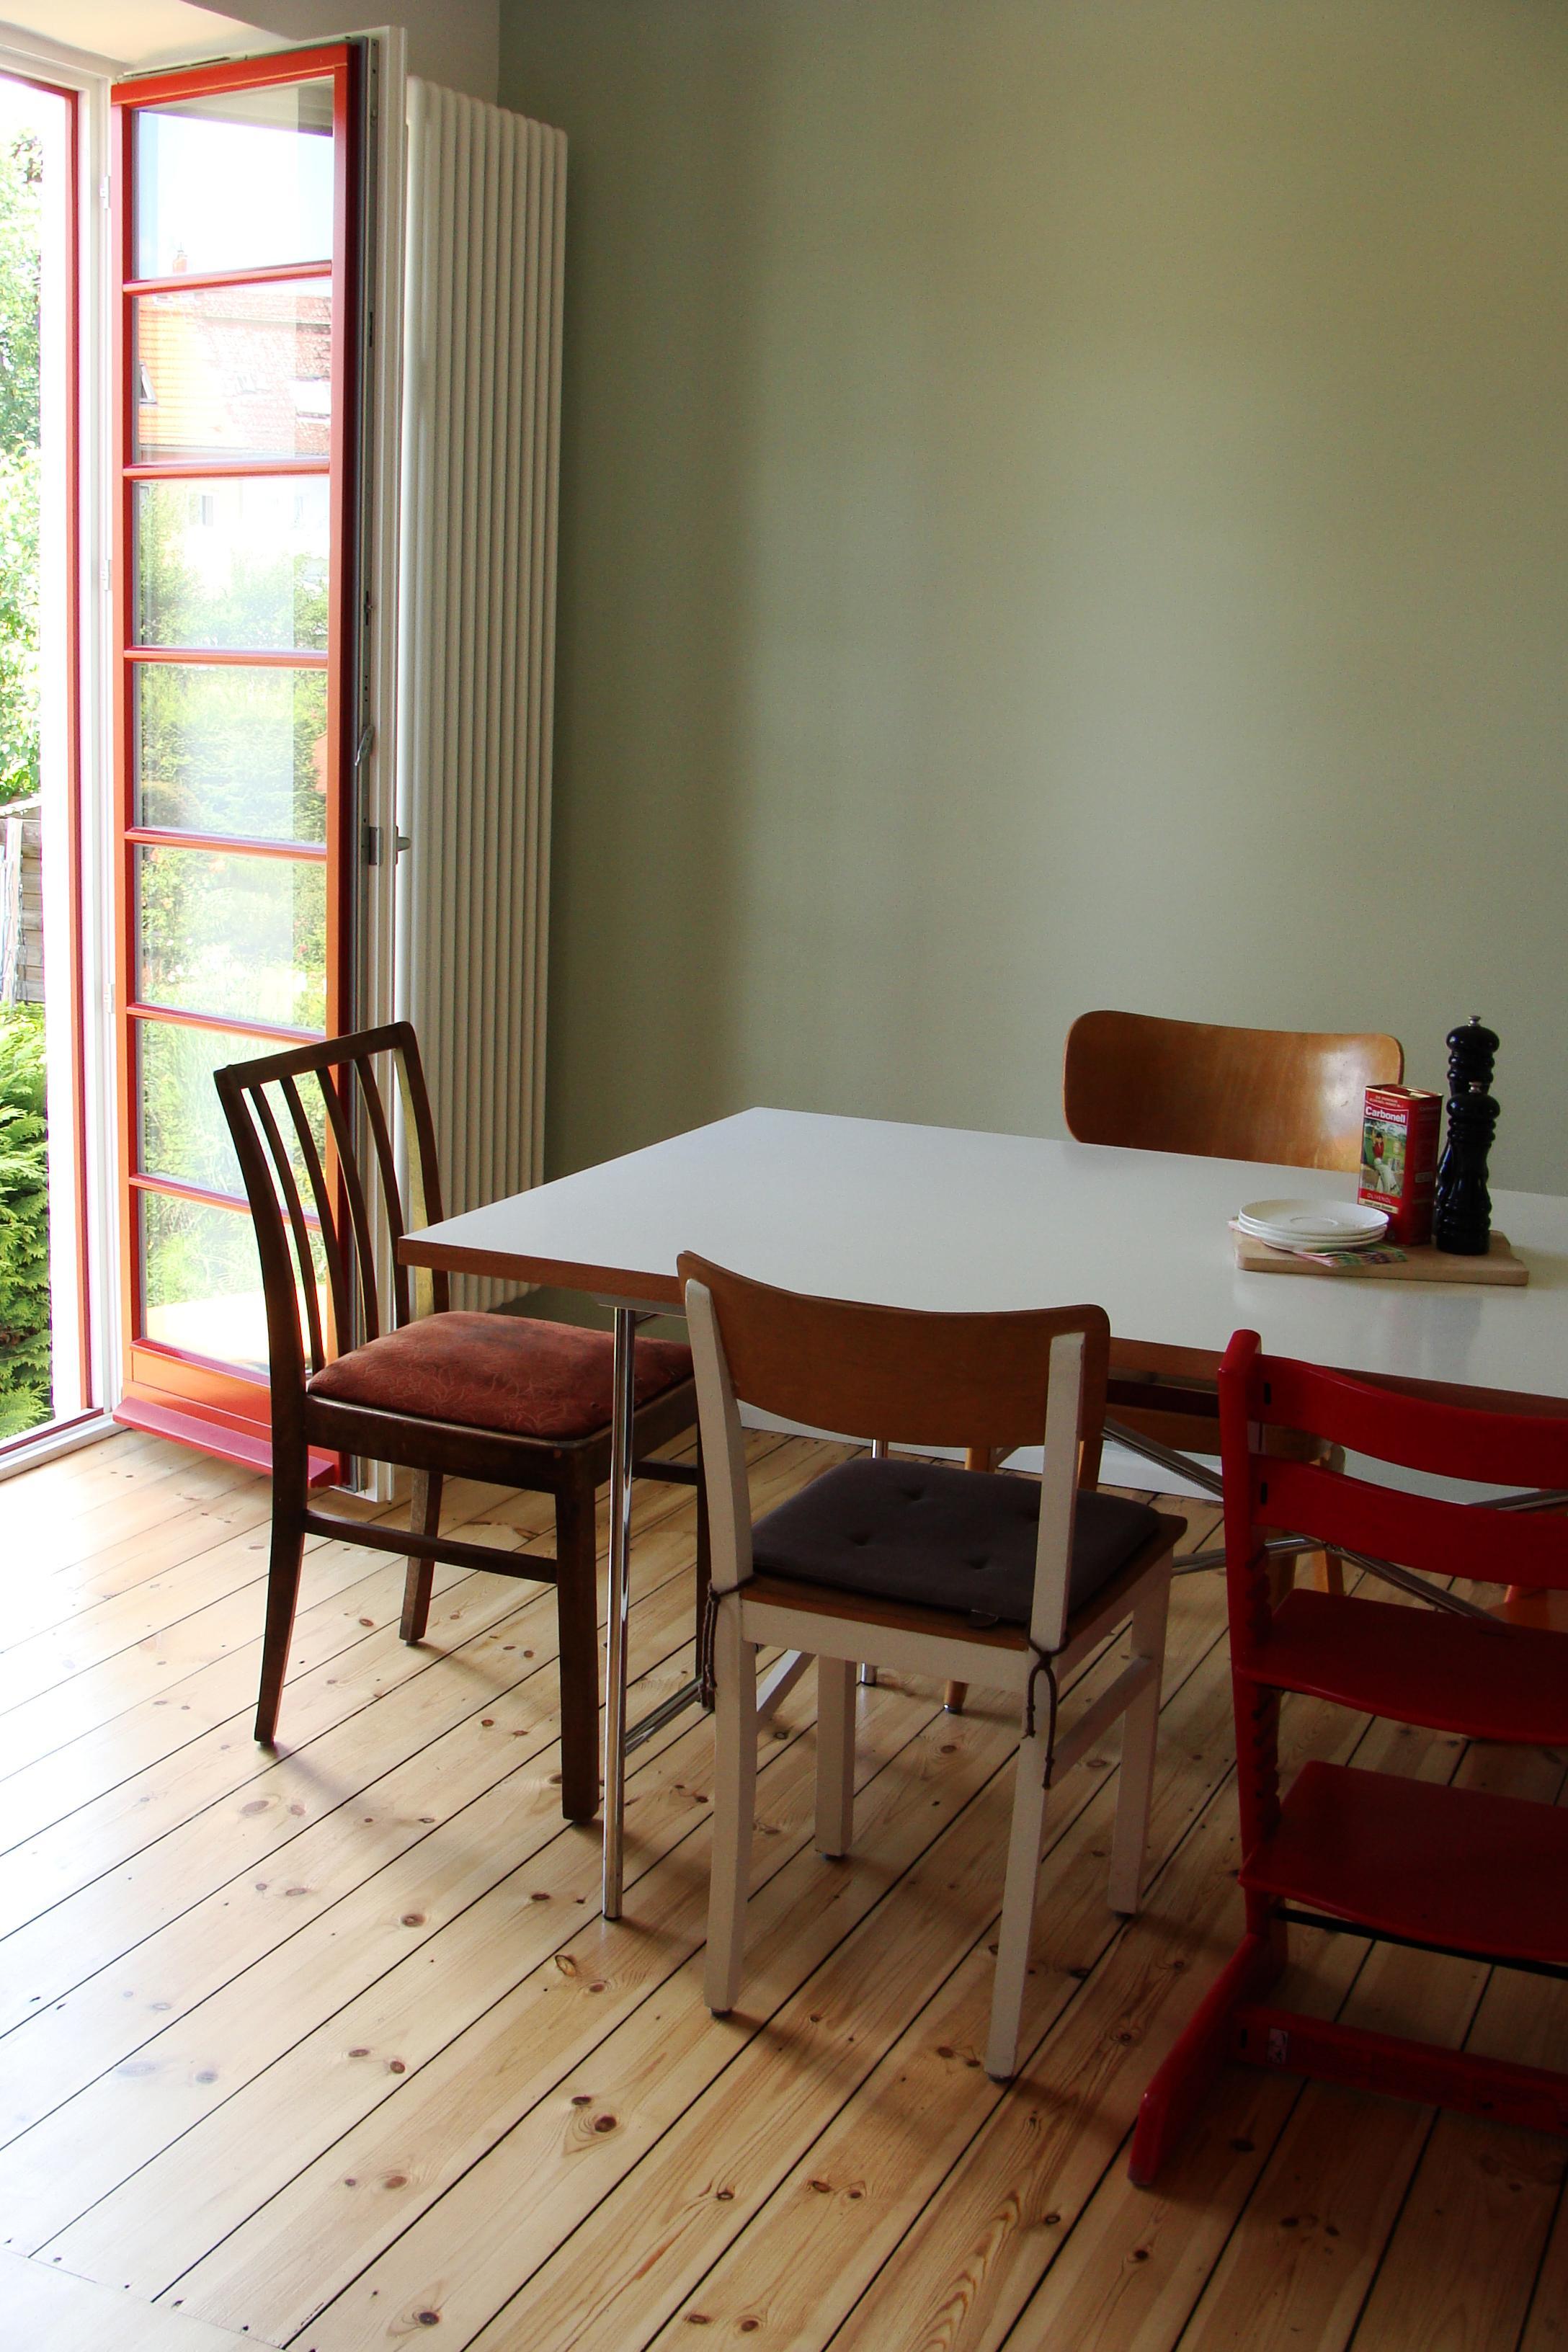 Essplatz Mit Grüner Wand Und Roten Fenstern #küche #dielenboden #wandfarbe  #vintage #